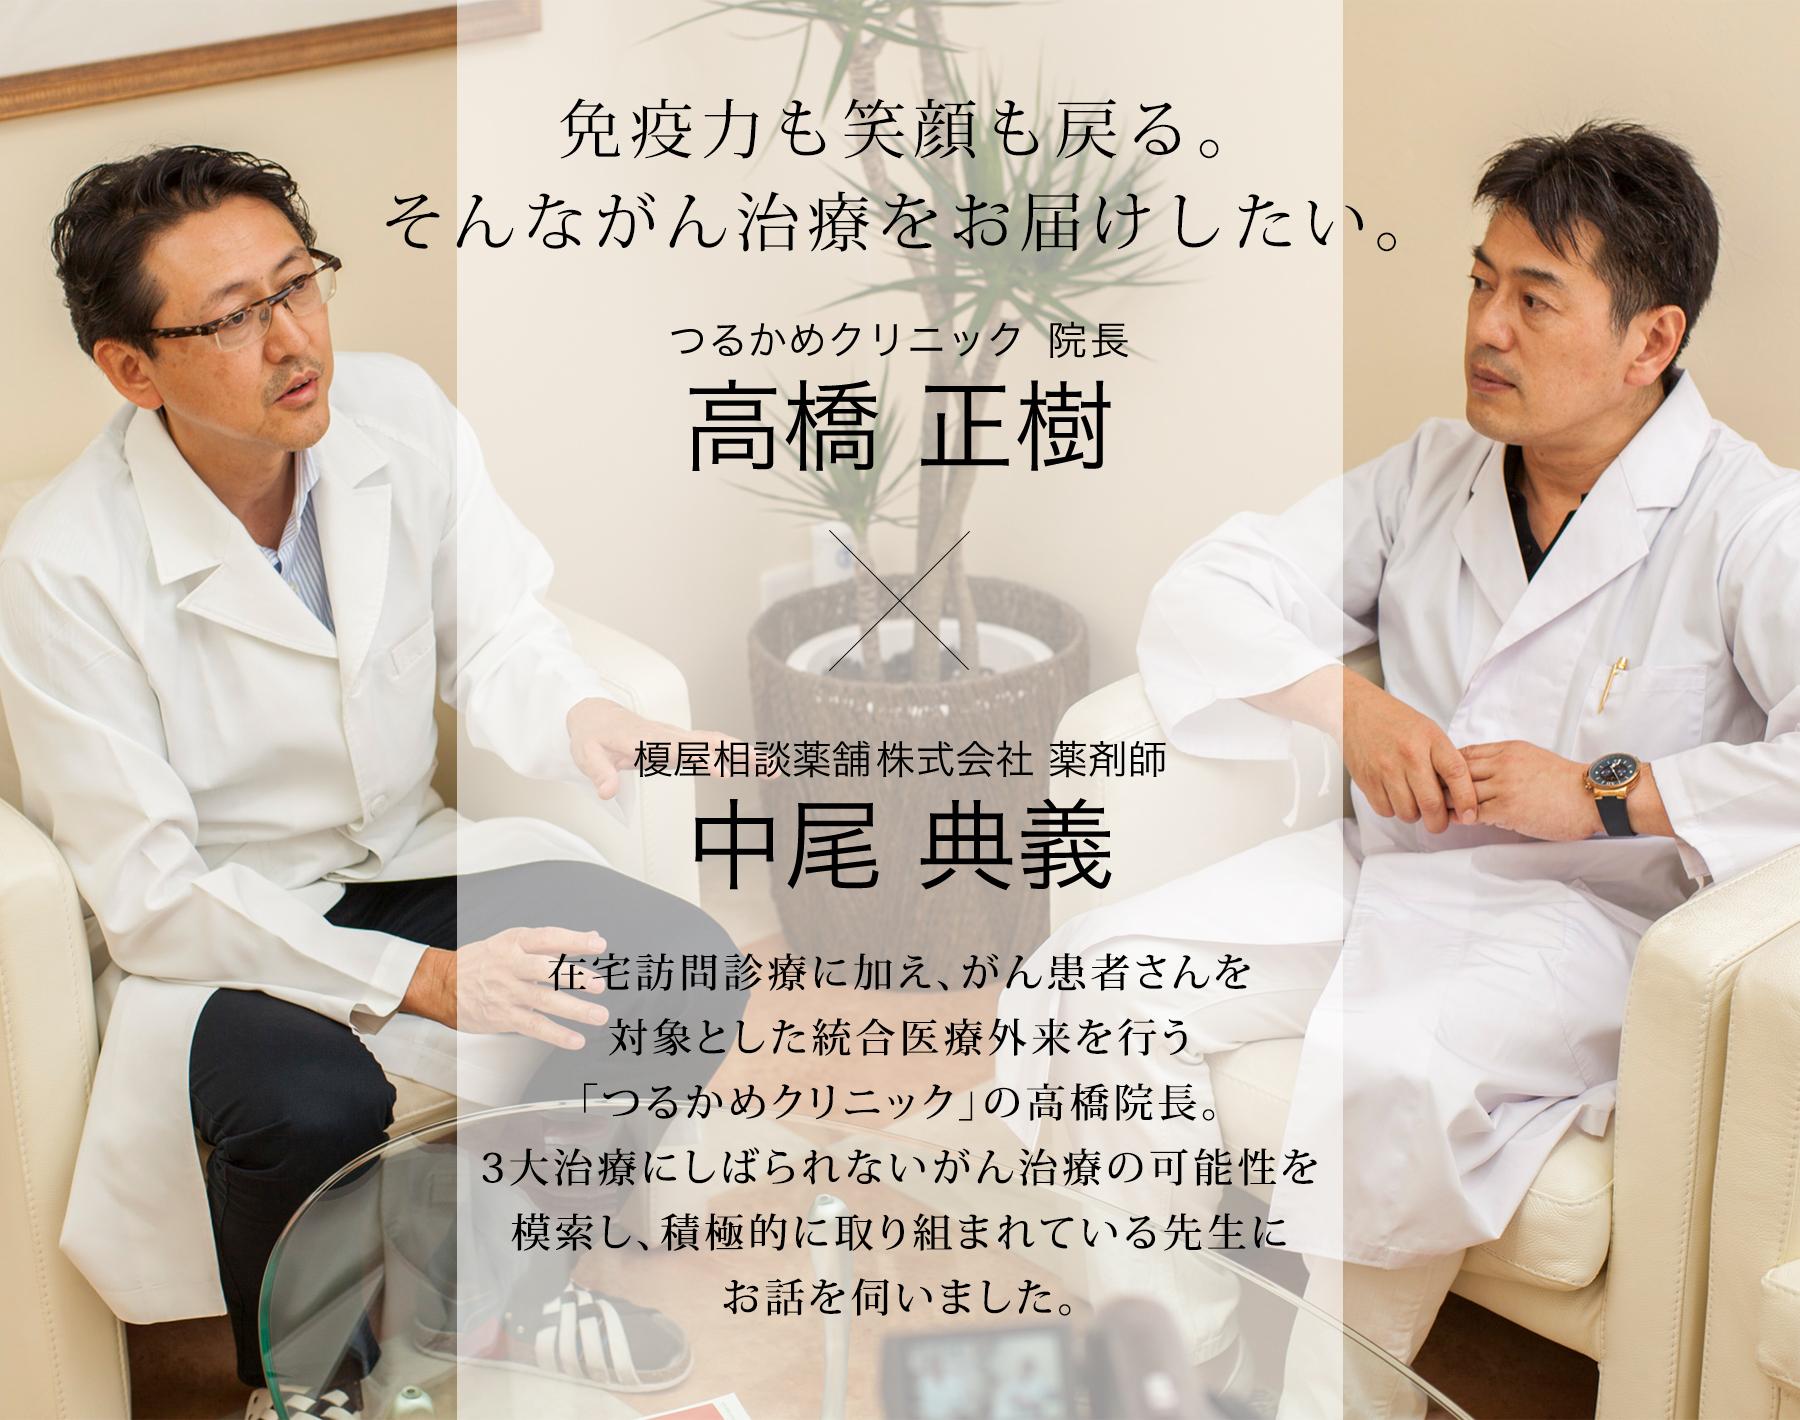 免疫力も笑顔も戻る。そんながん治療をお届けしたい。